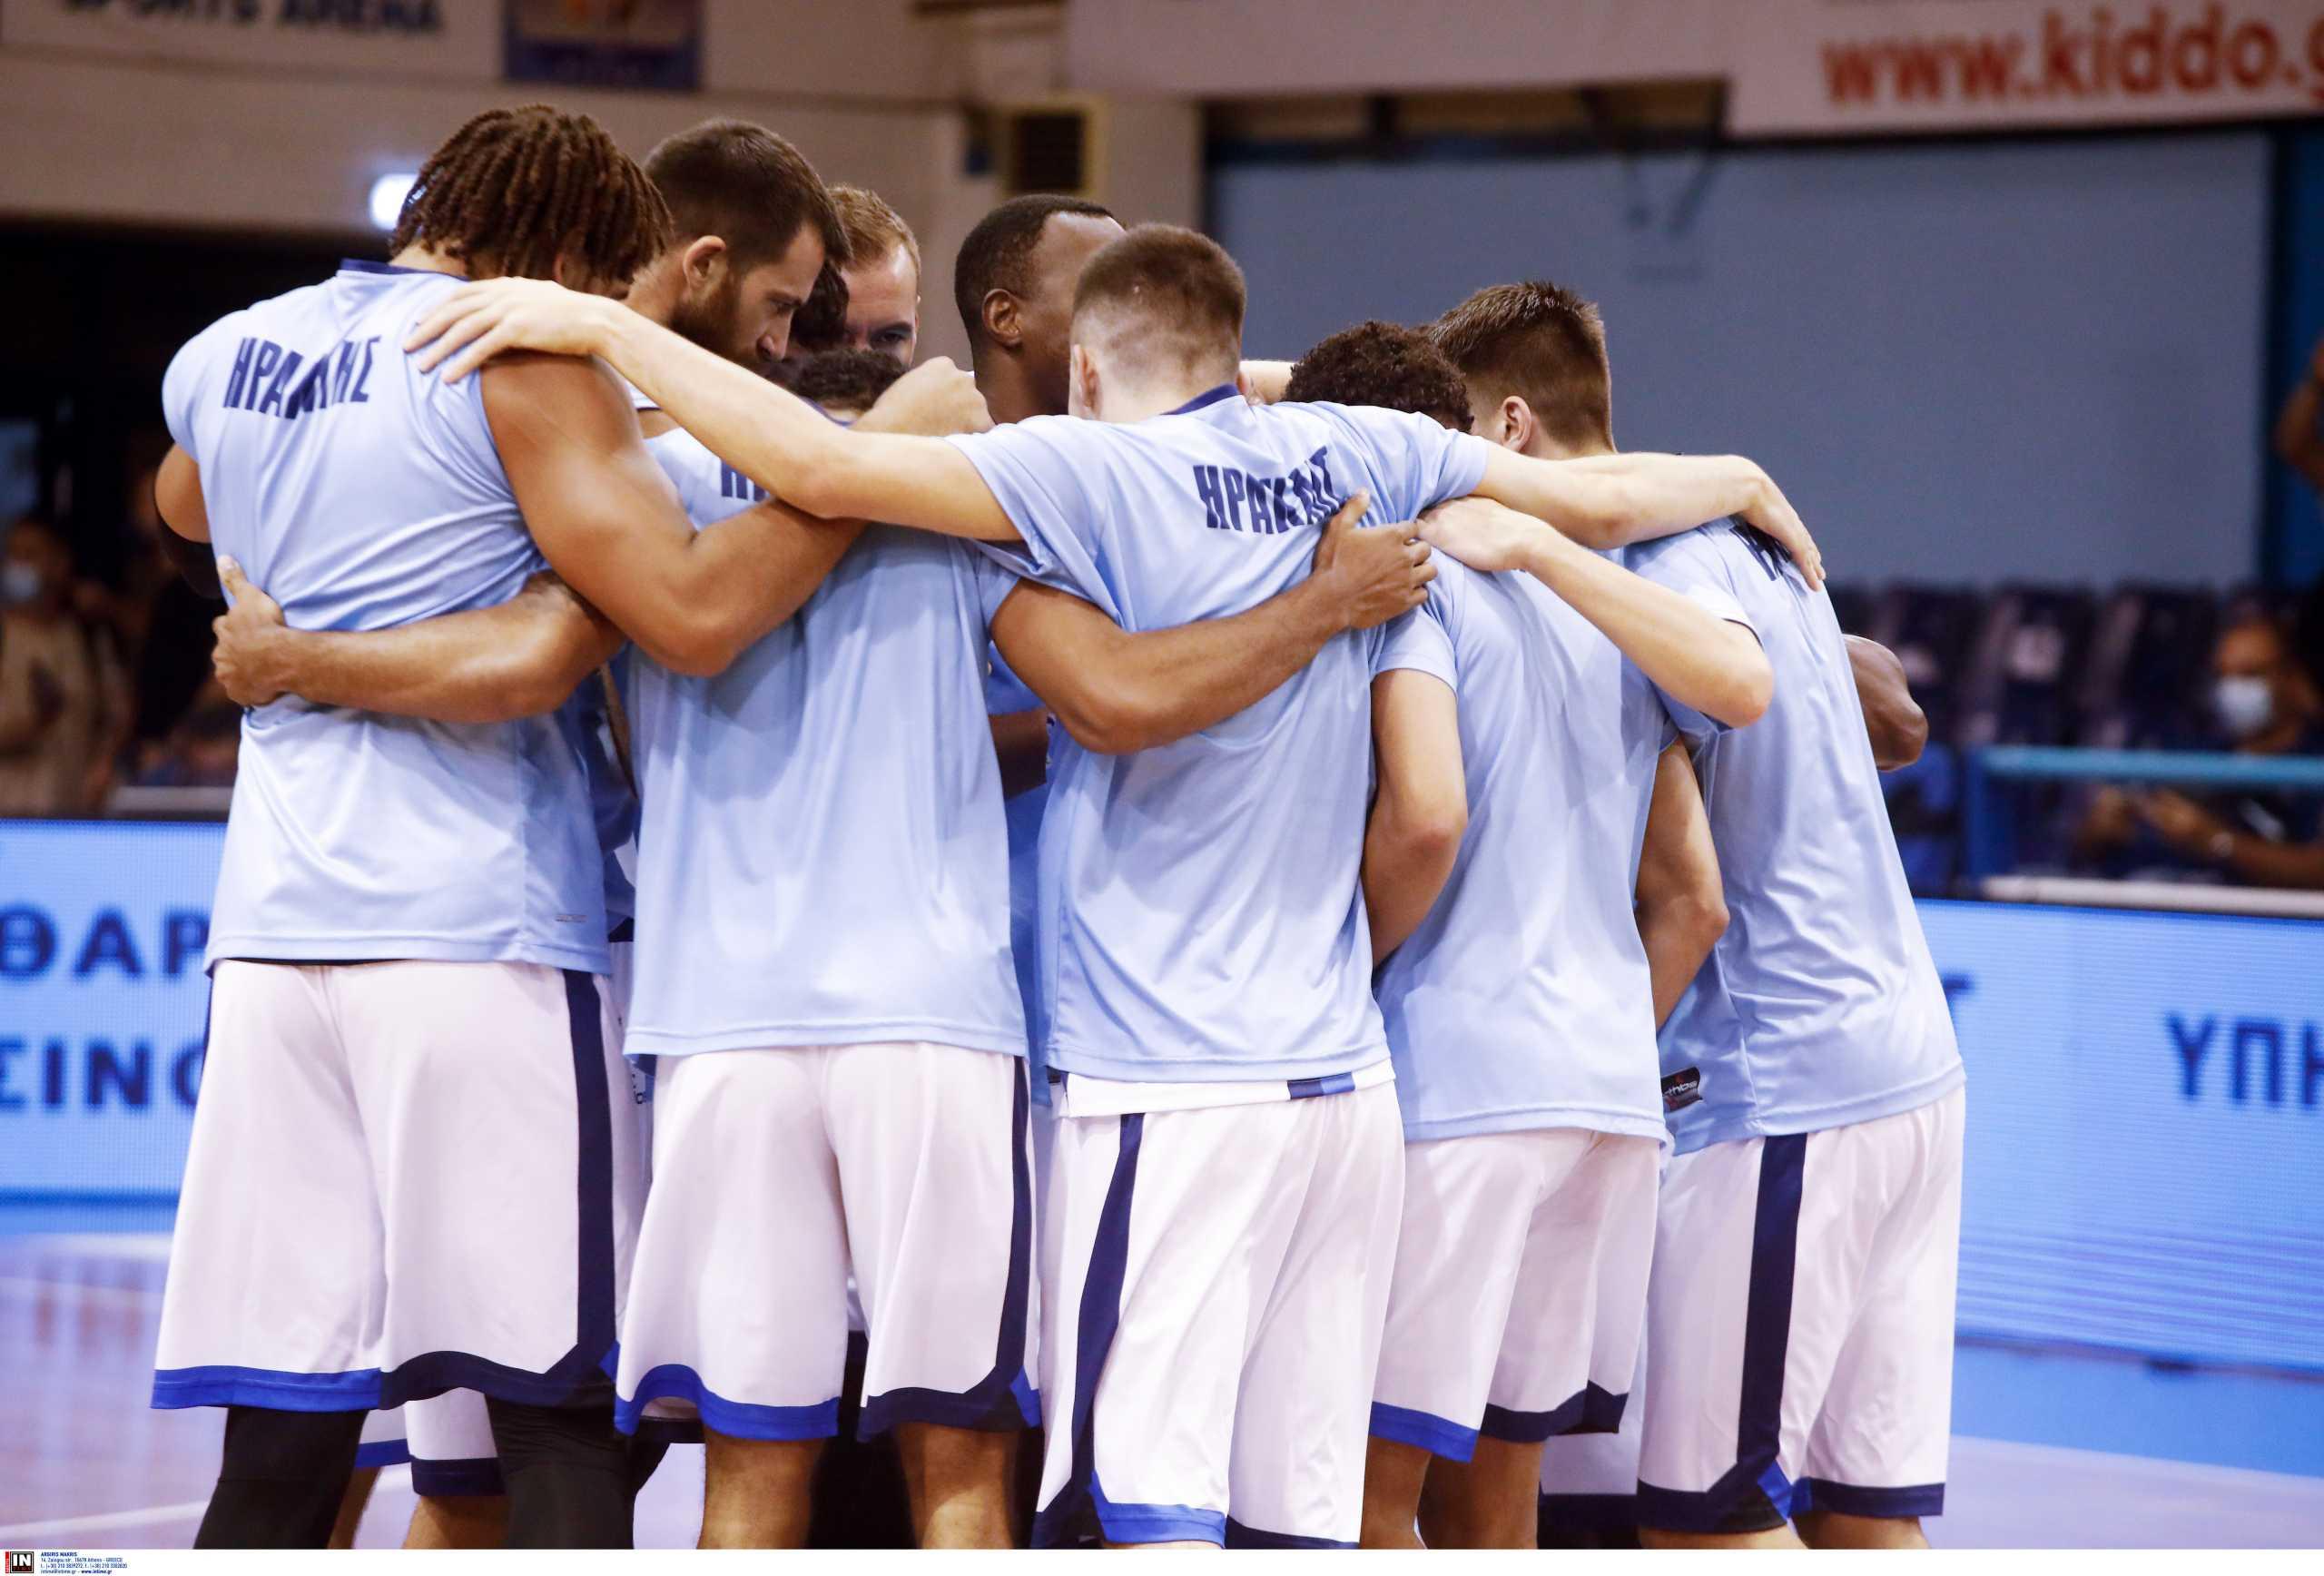 Ηρακλής – Ακαντέμικ 95-75: Ο «Γηραιός» αγγίζει τους ομίλους του FIBA Europe Cup